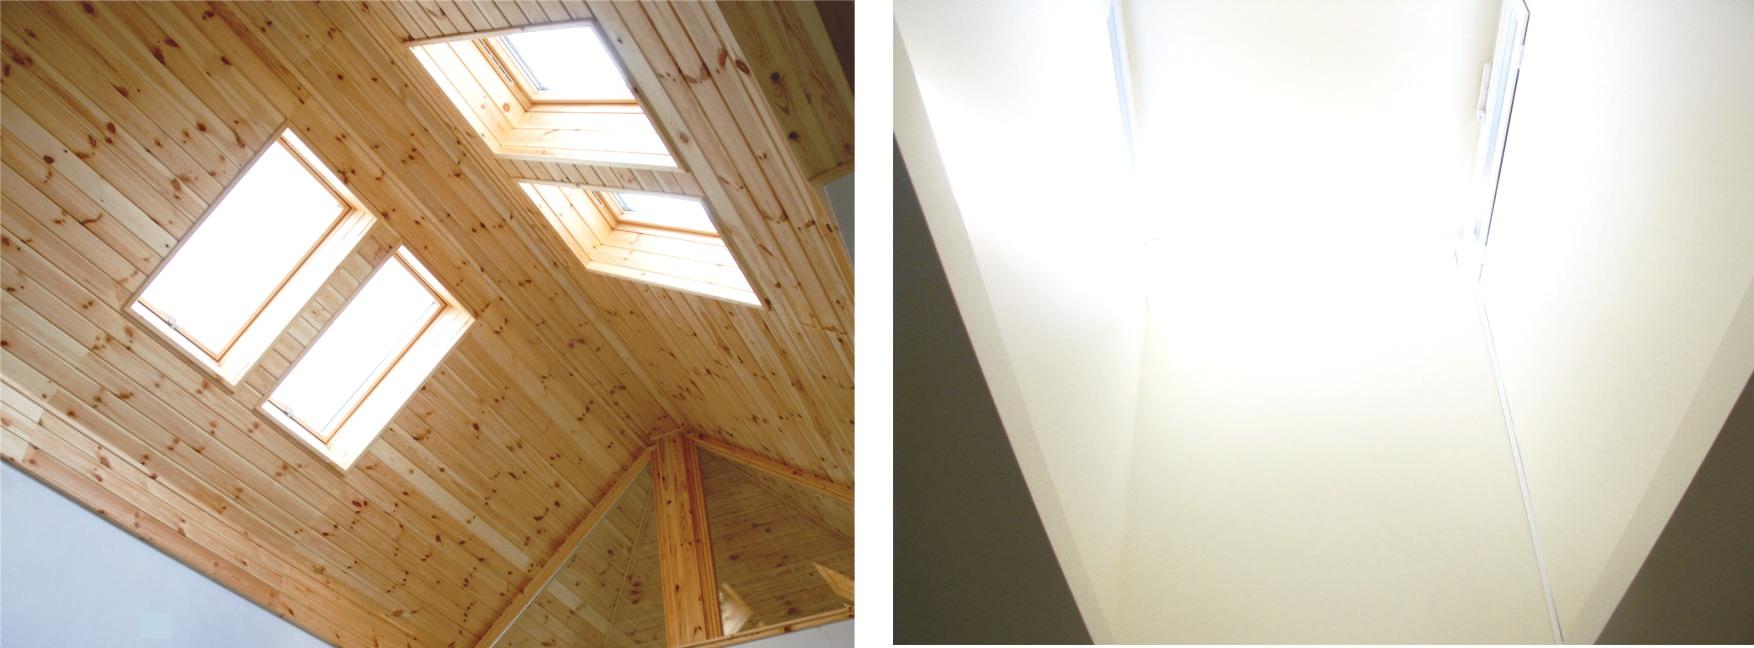 A baloldali képen látható Brahmasztánban 4 db tetősík ablak gondoskodik a nyitottságról, a jobb oldali képen levő Brahmasztánban pedig felülvilágító